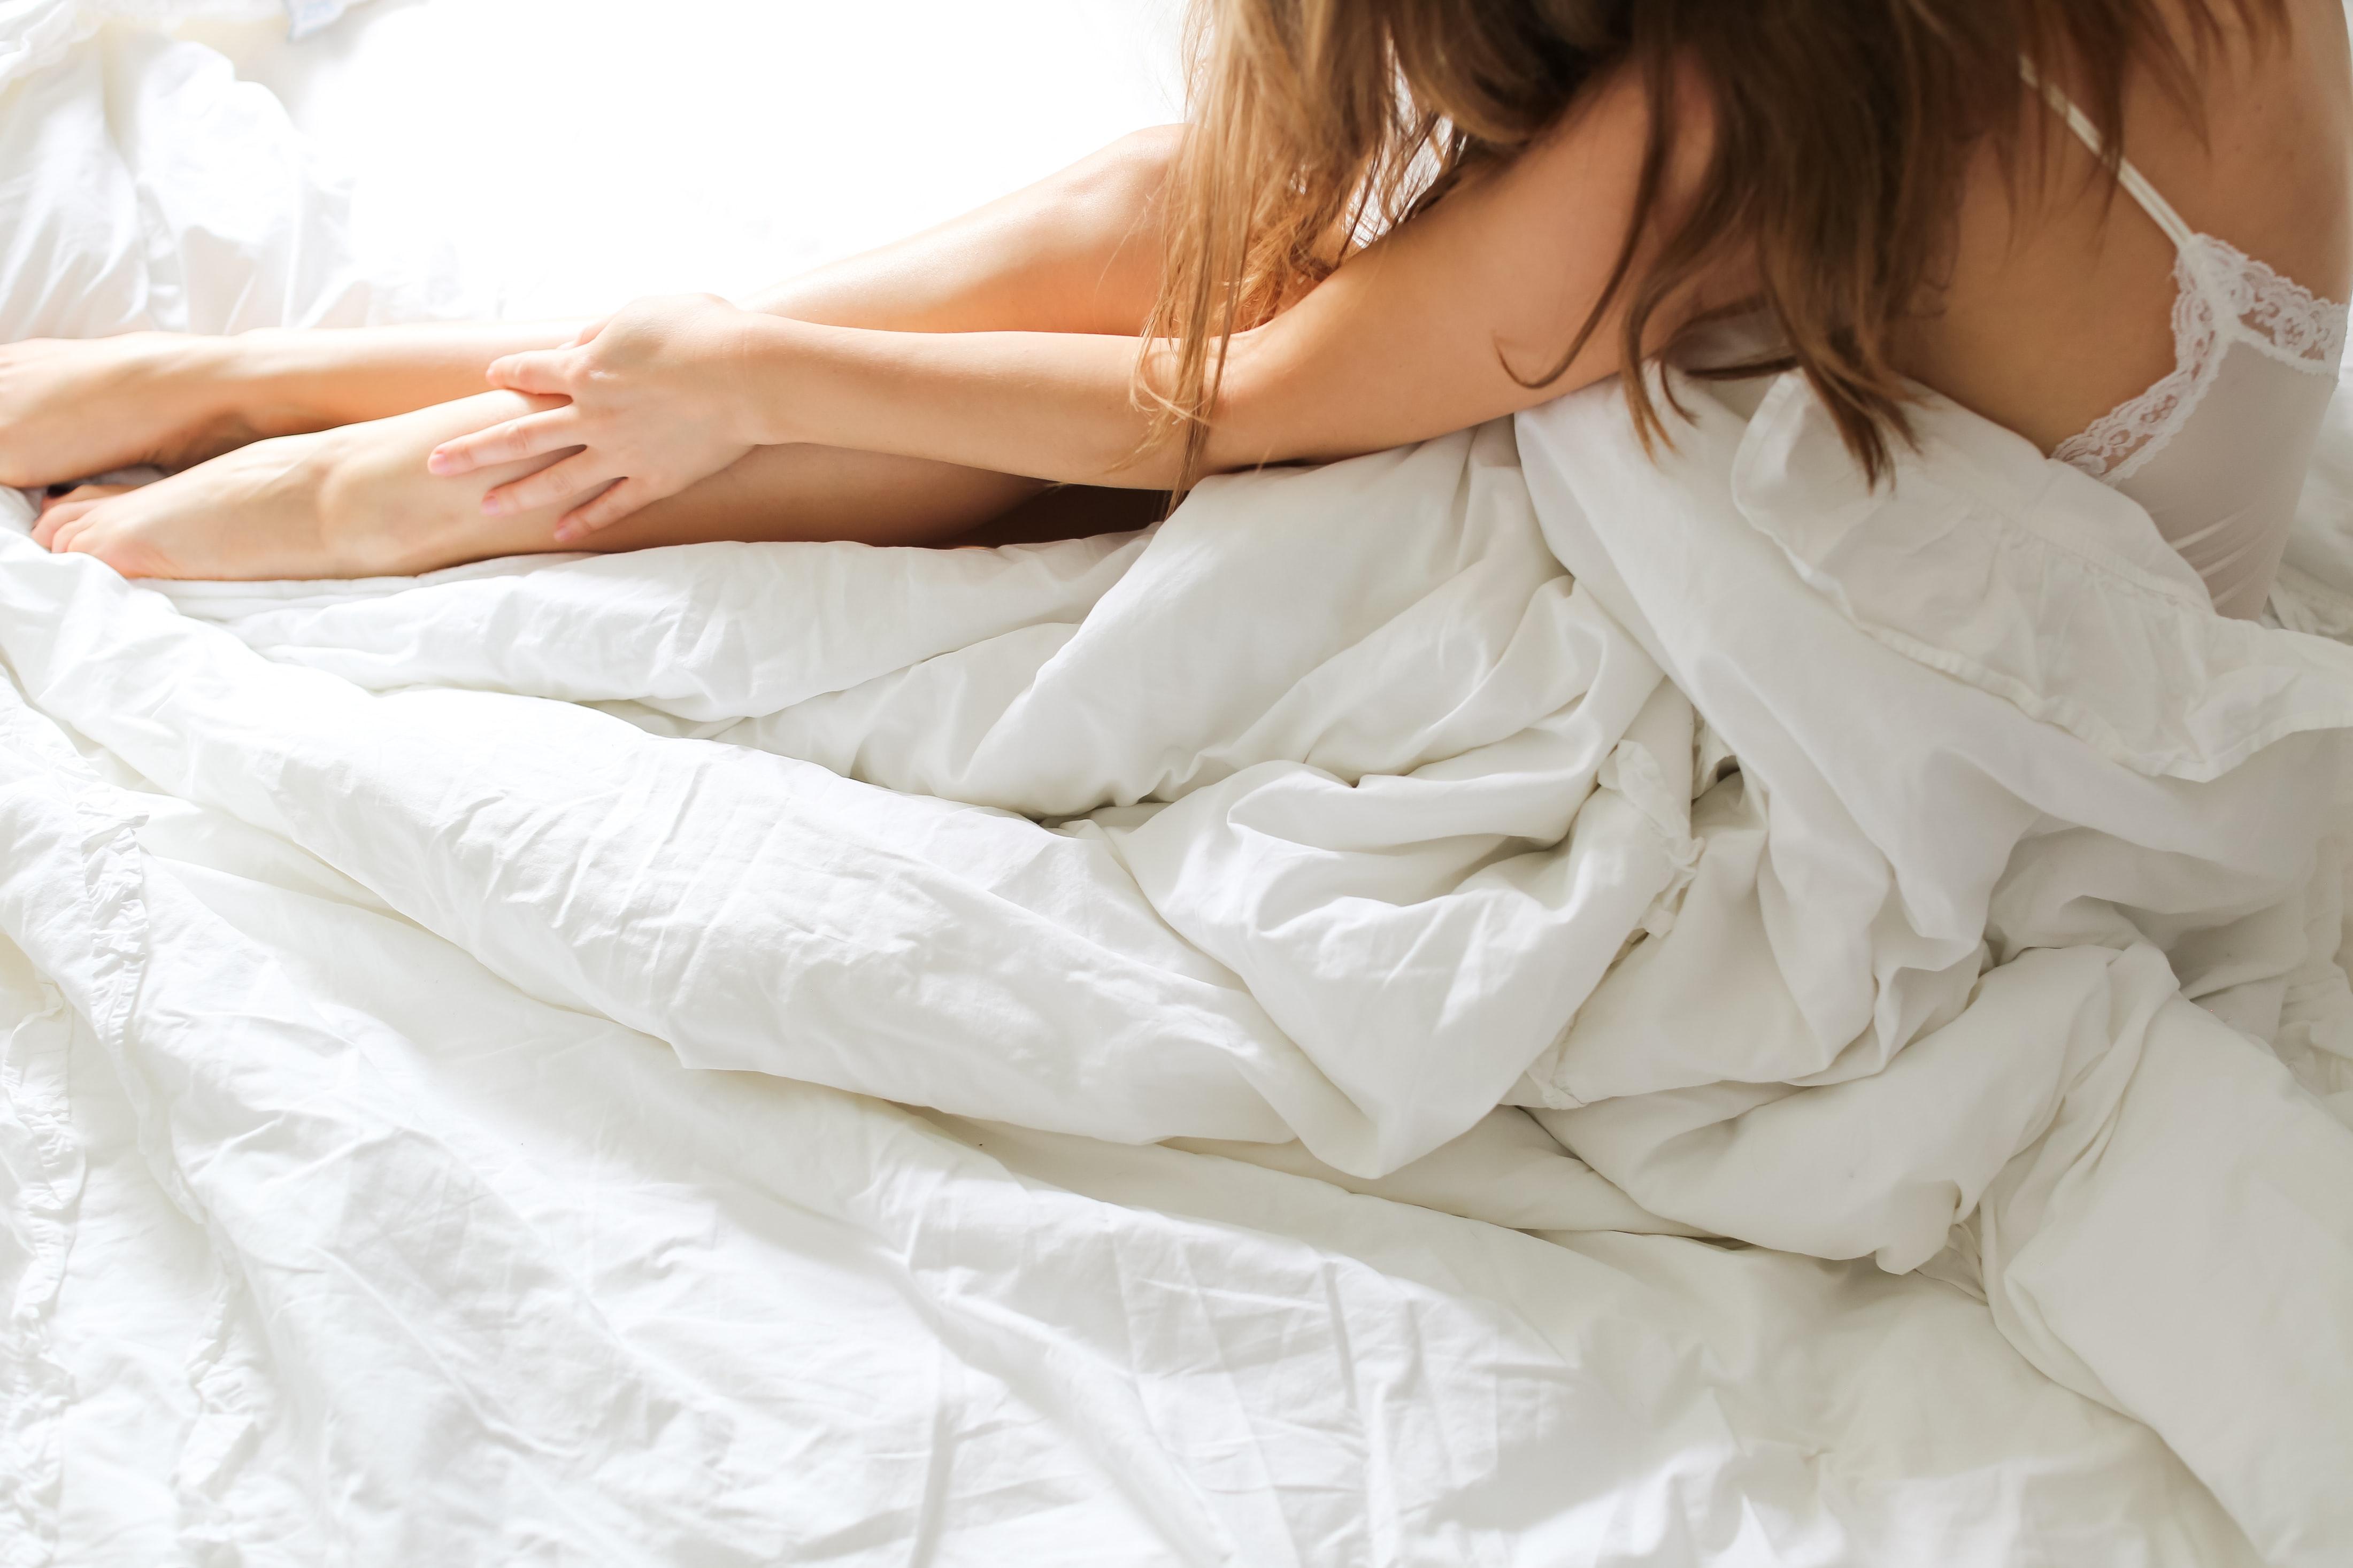 Topless mujer acostada en la cama cubierta con una manta blanca